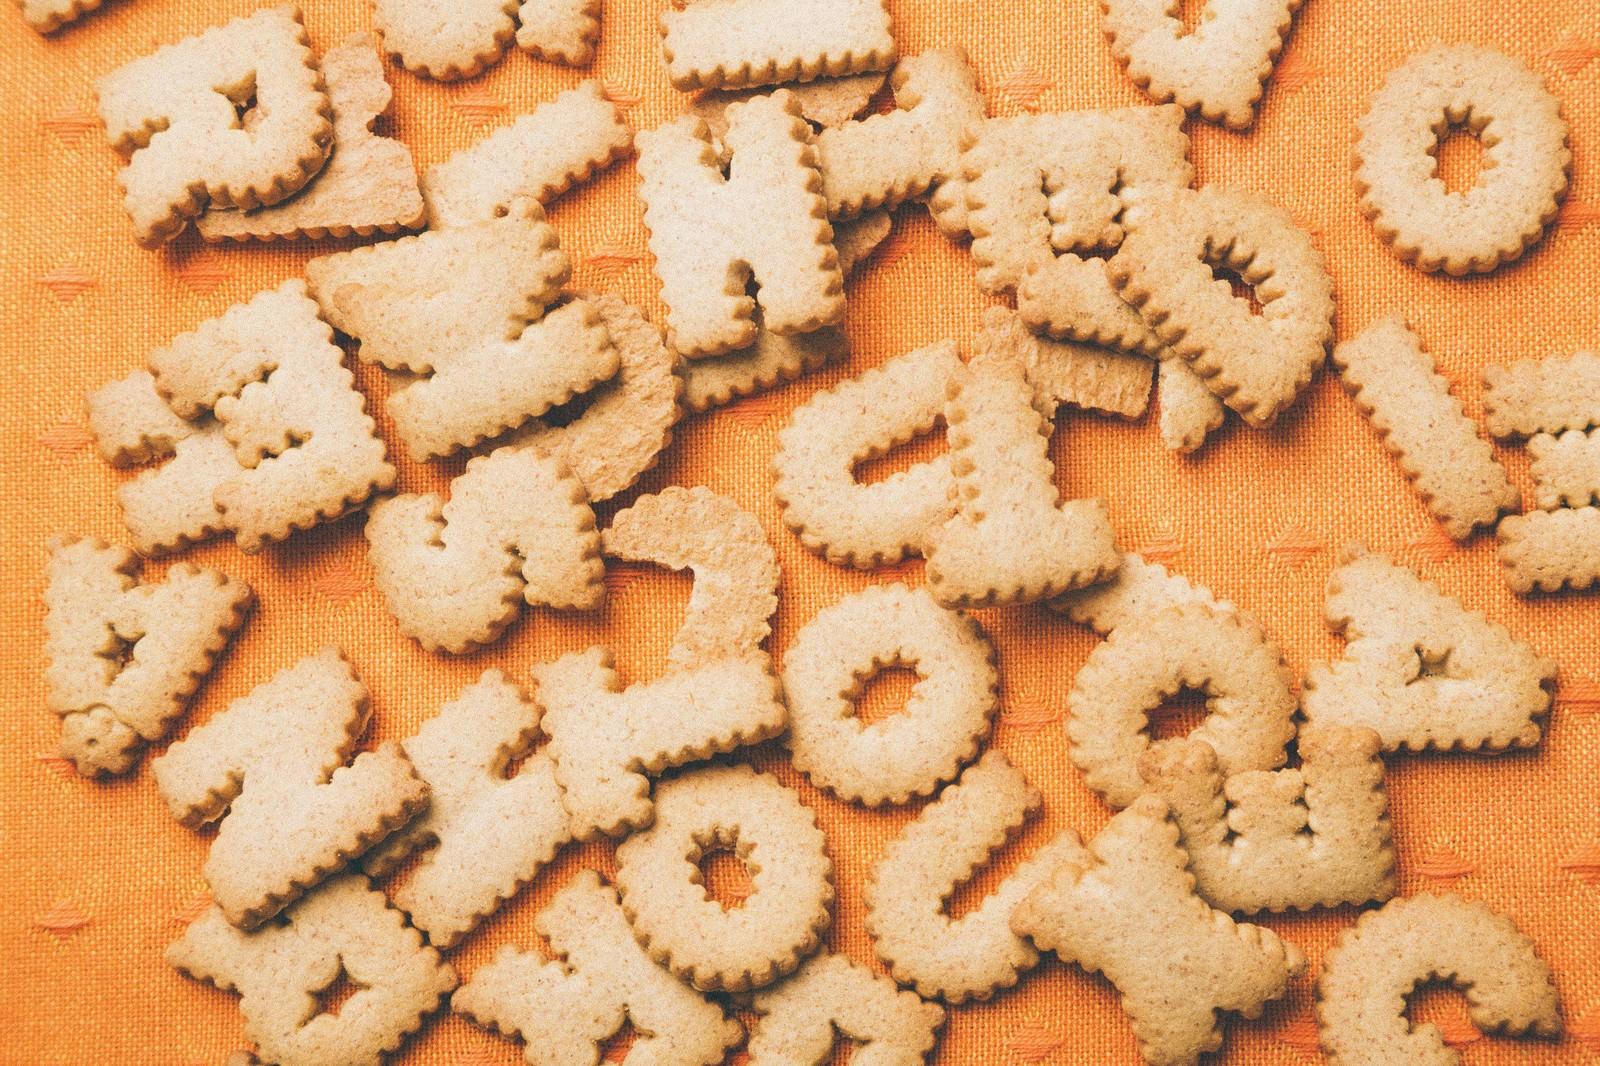 「英単語クッキー英単語クッキー」のフリー写真素材を拡大